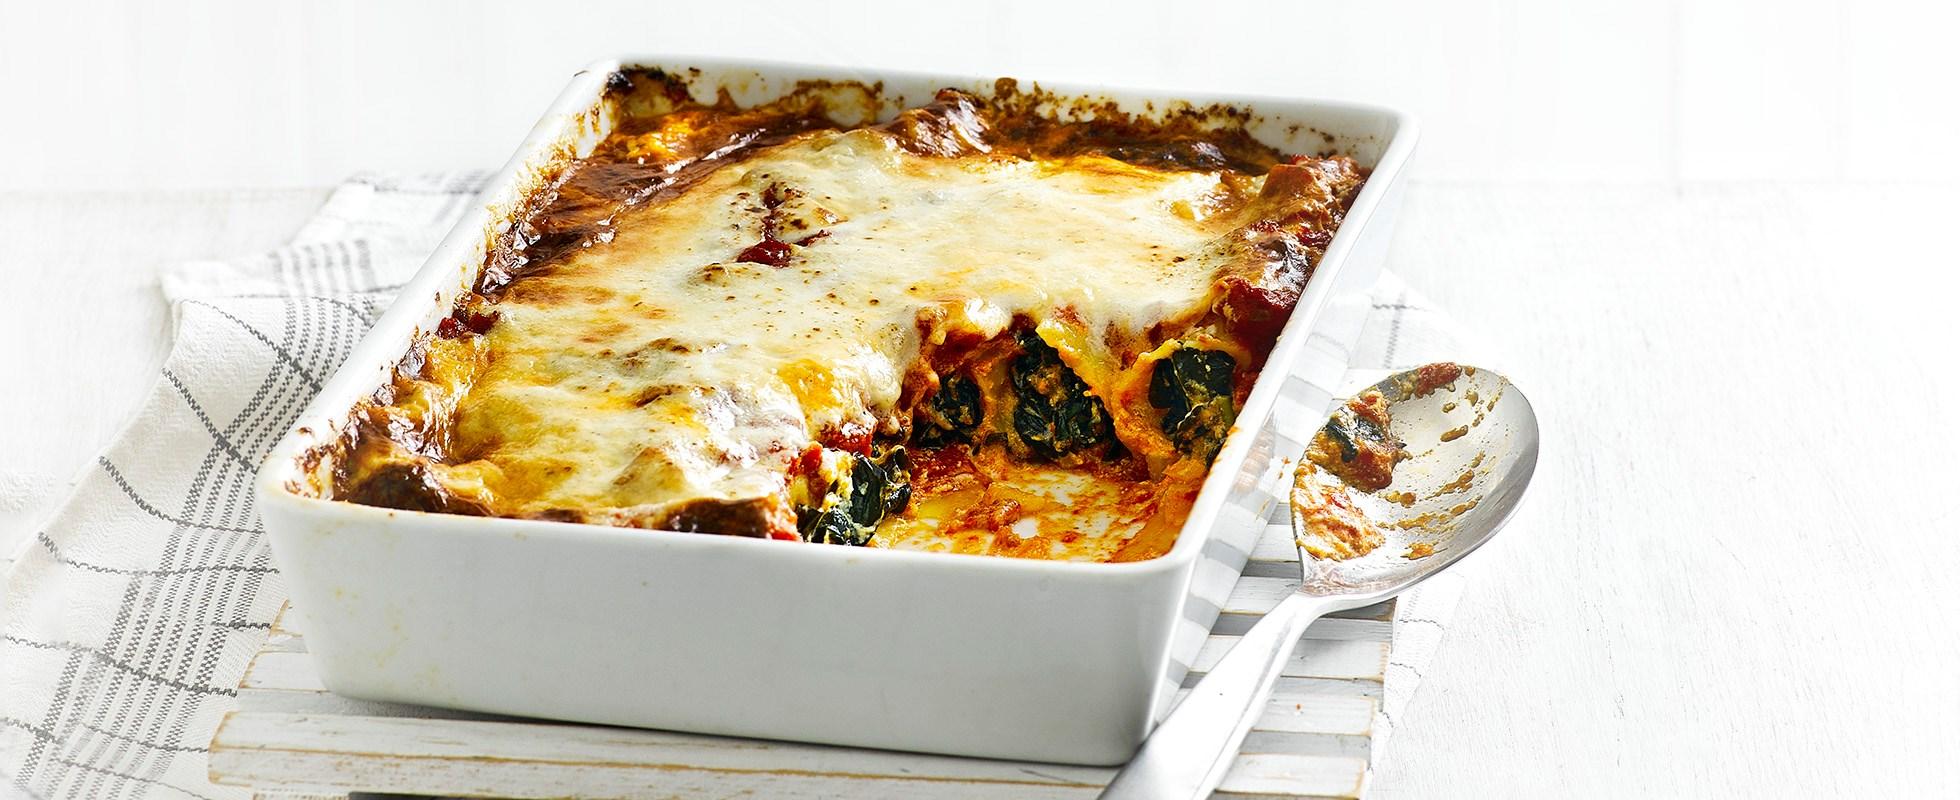 Winter Greens and Ricotta Cannelloni Recipe